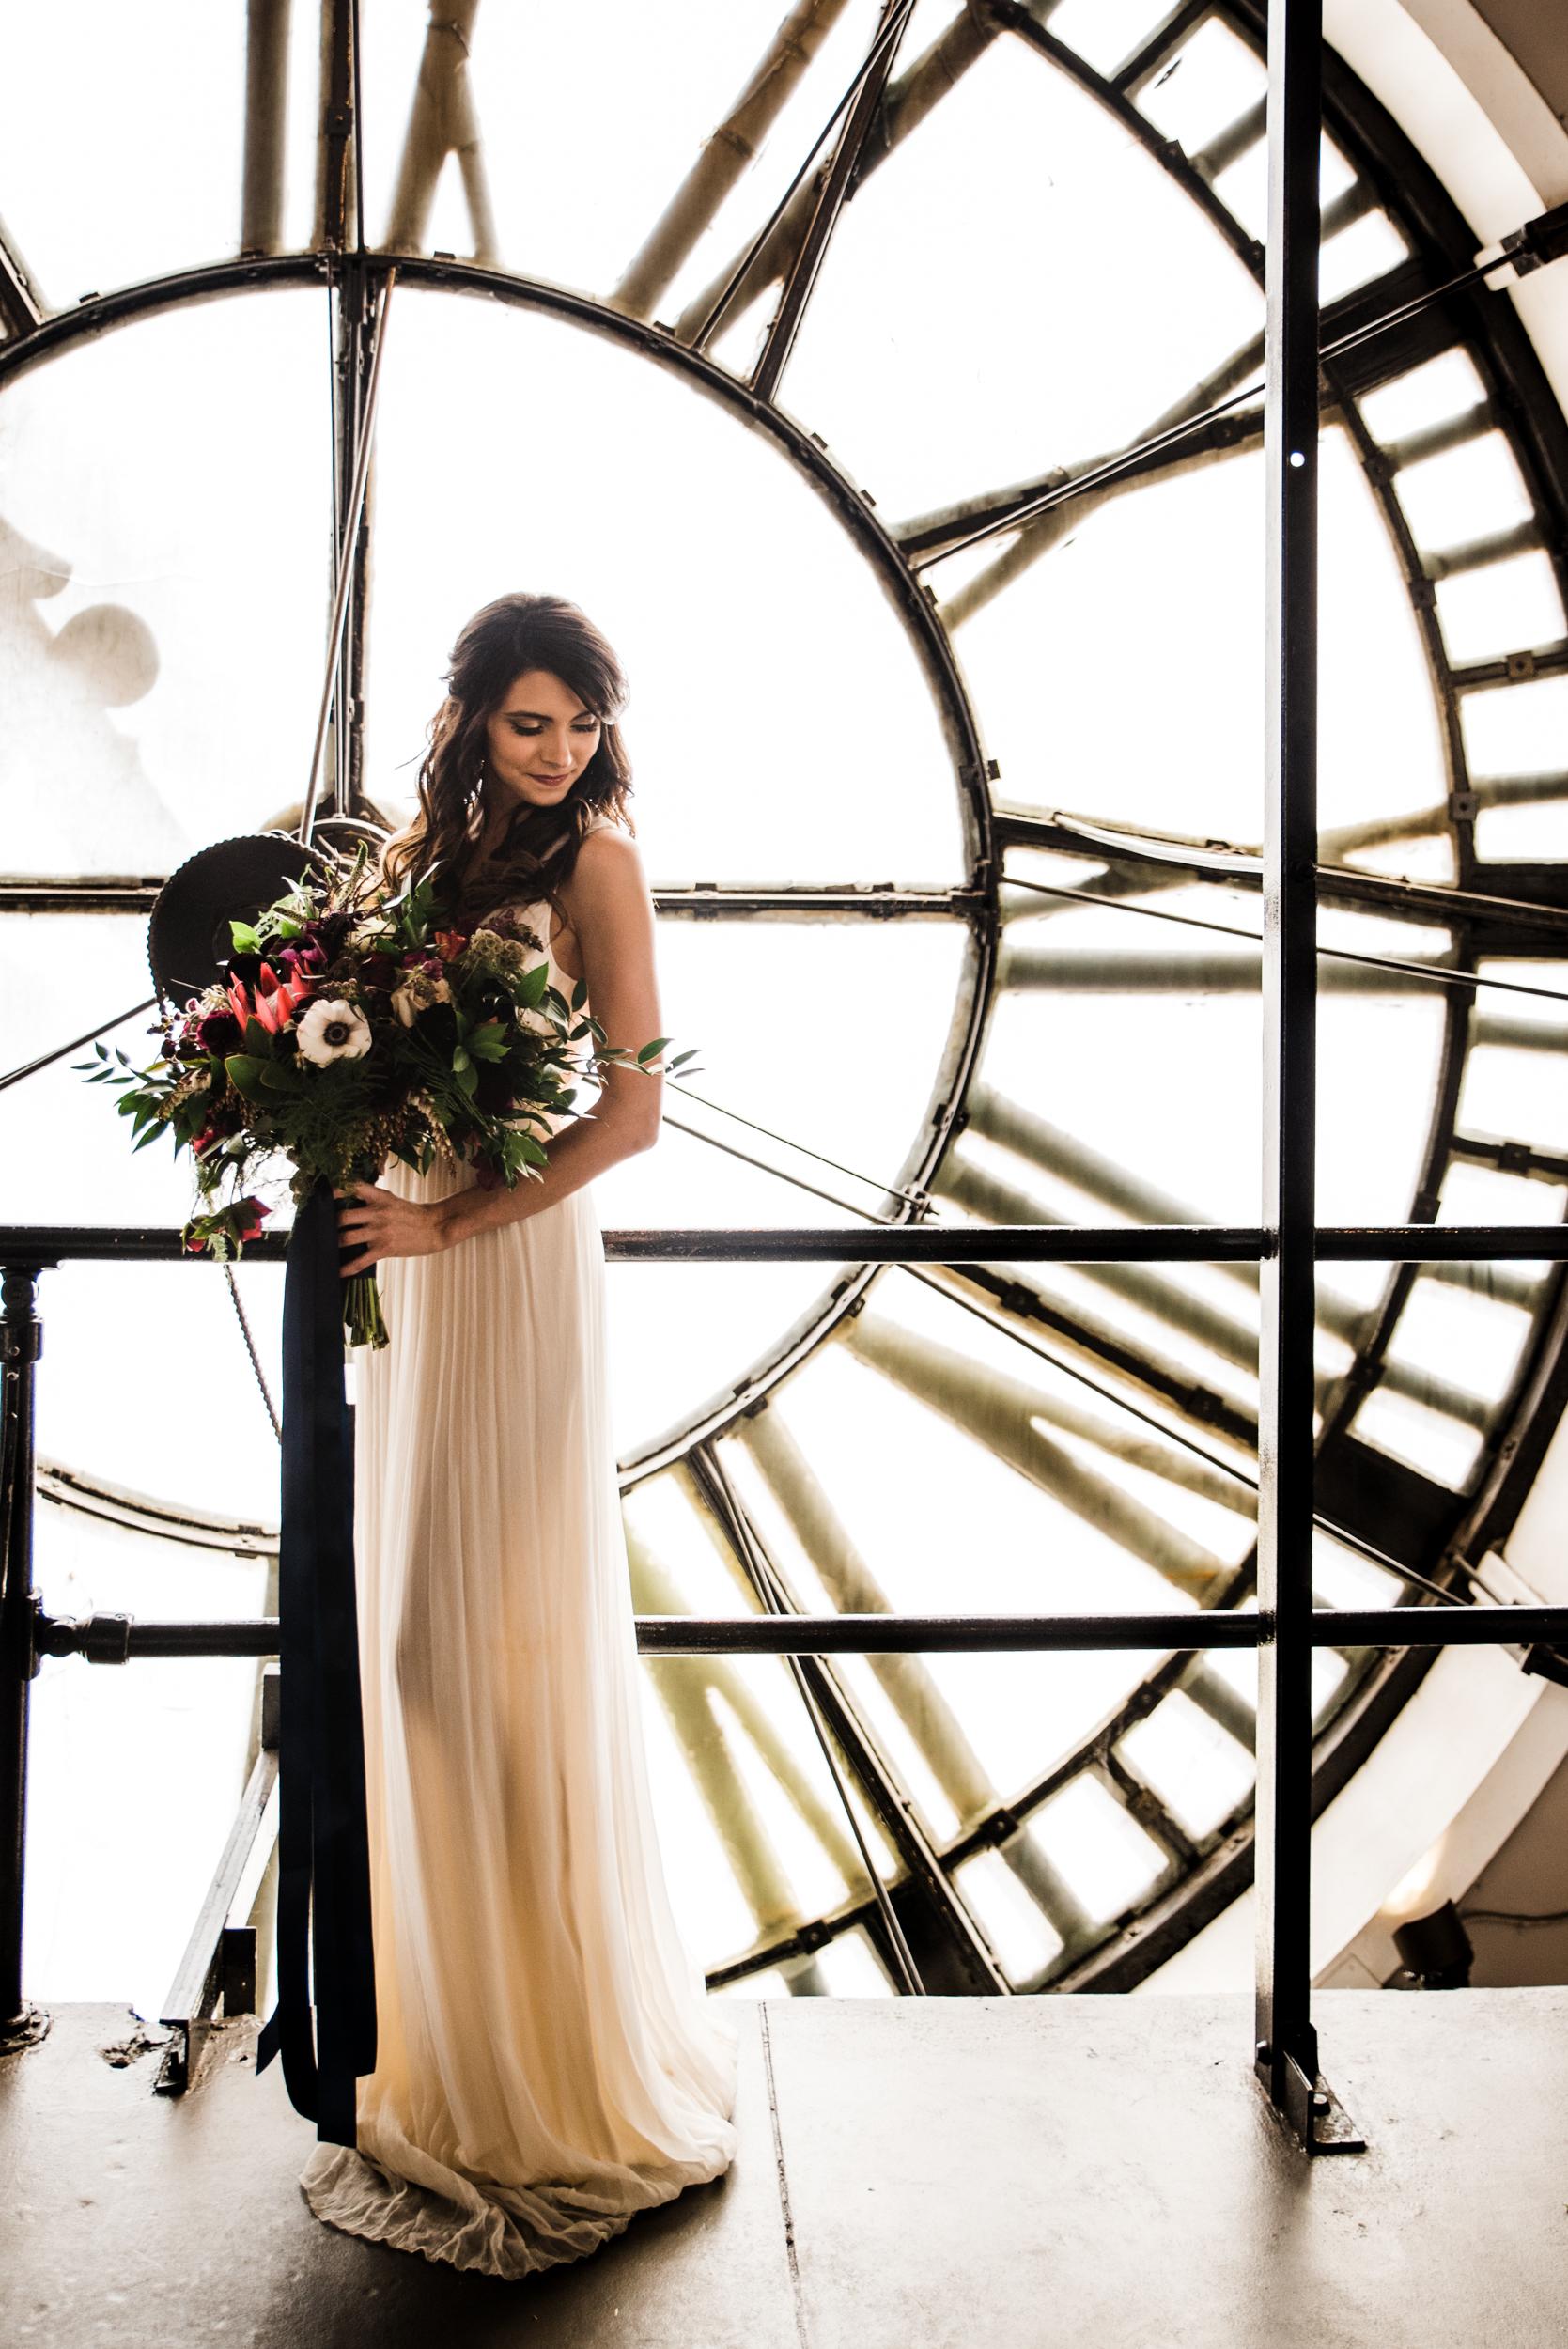 Denver-Clock-Tower-Elopement-Wedding-43.jpg